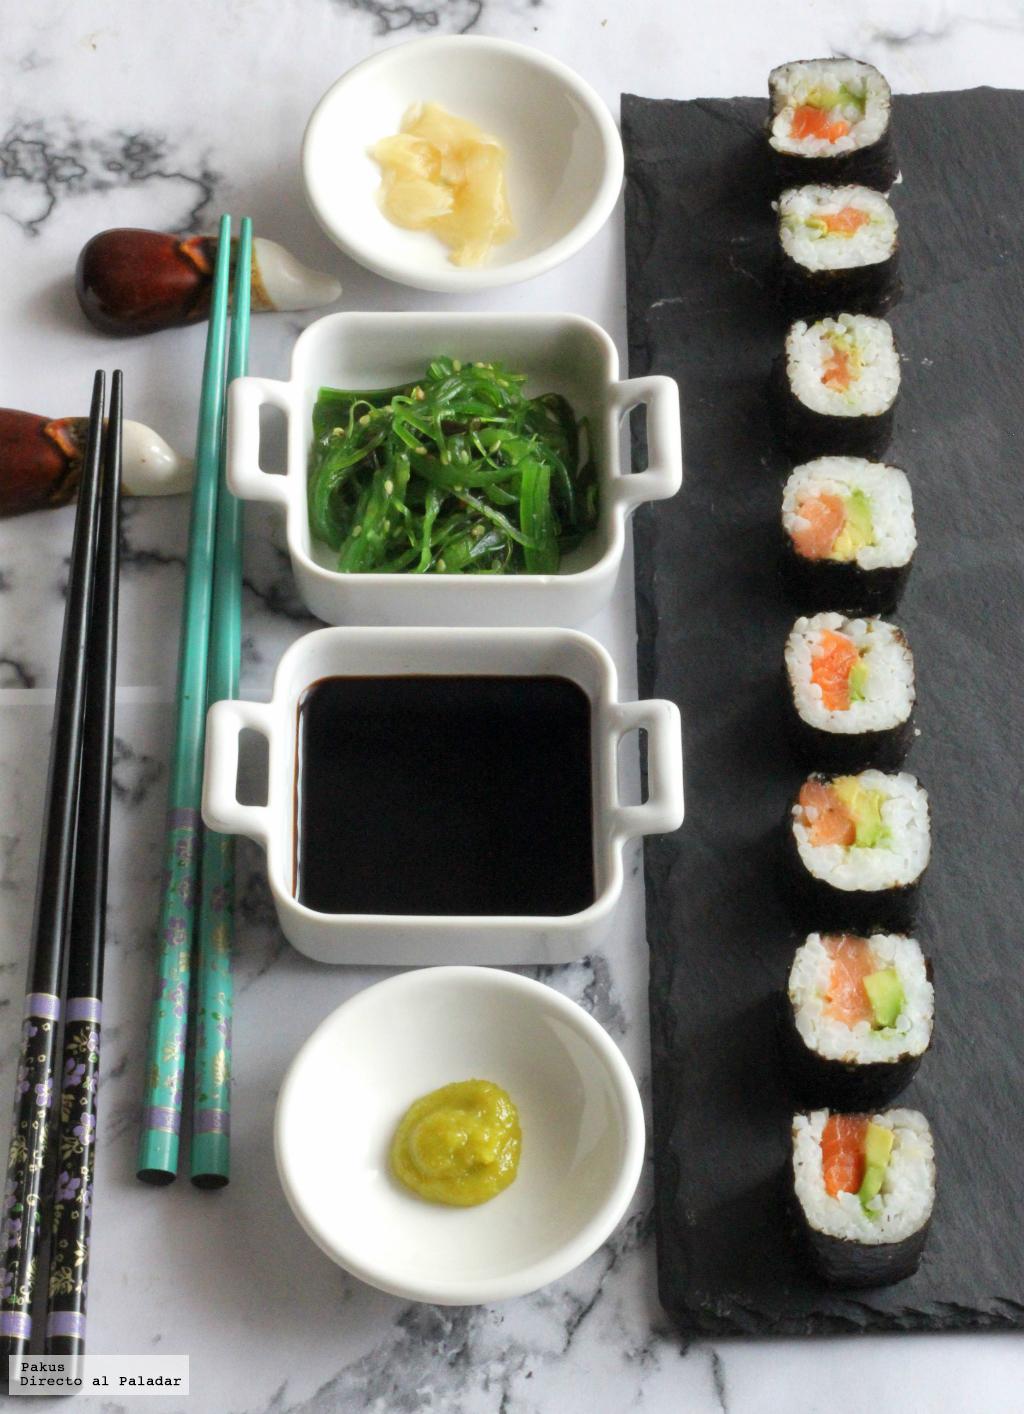 Receta de sushi f cil - Cocinar sushi facil ...